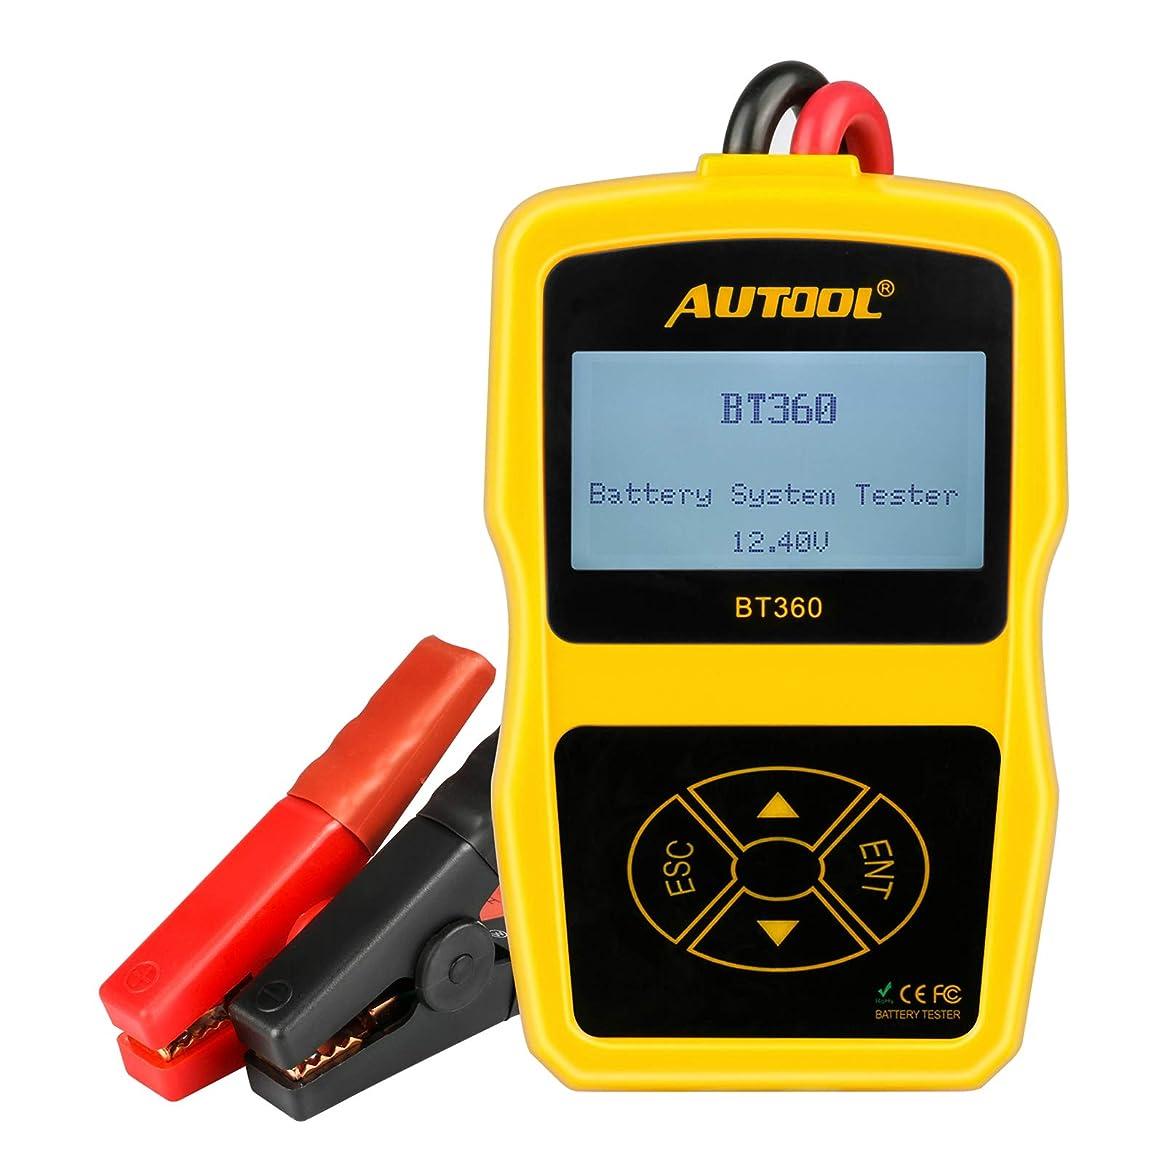 パールまだマーティンルーサーキングジュニアバッテリーテスター AUTOOL BT360 12V デジタル アナライザー 2000CCA 220AH 車ツール バッテリーツール 自動車に